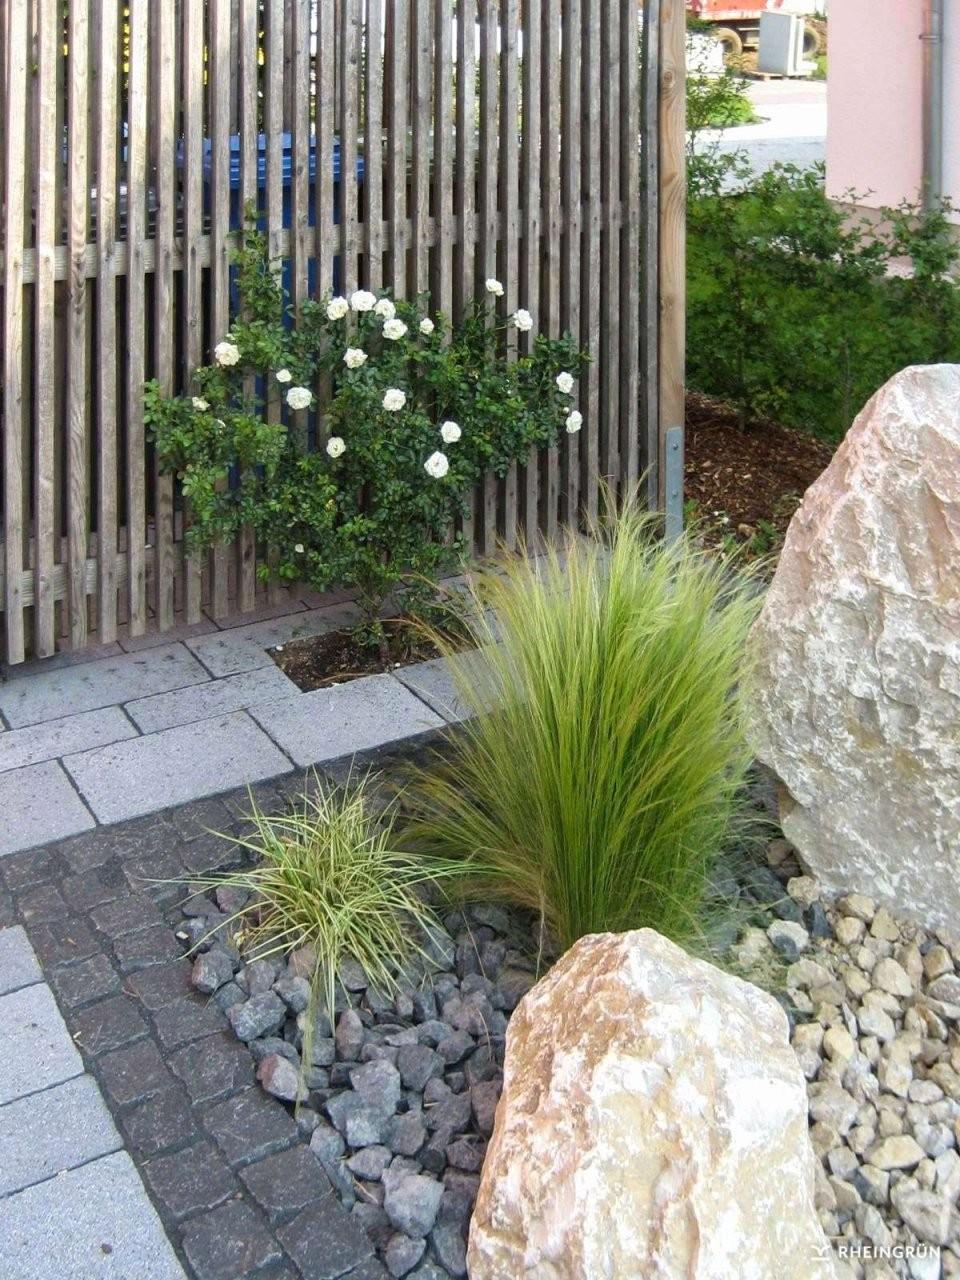 Gartengestaltung Mit Steinen Am Hang Genial Garten Am Hang Ideen von Gartengestaltung Mit Steinen Am Hang Bild